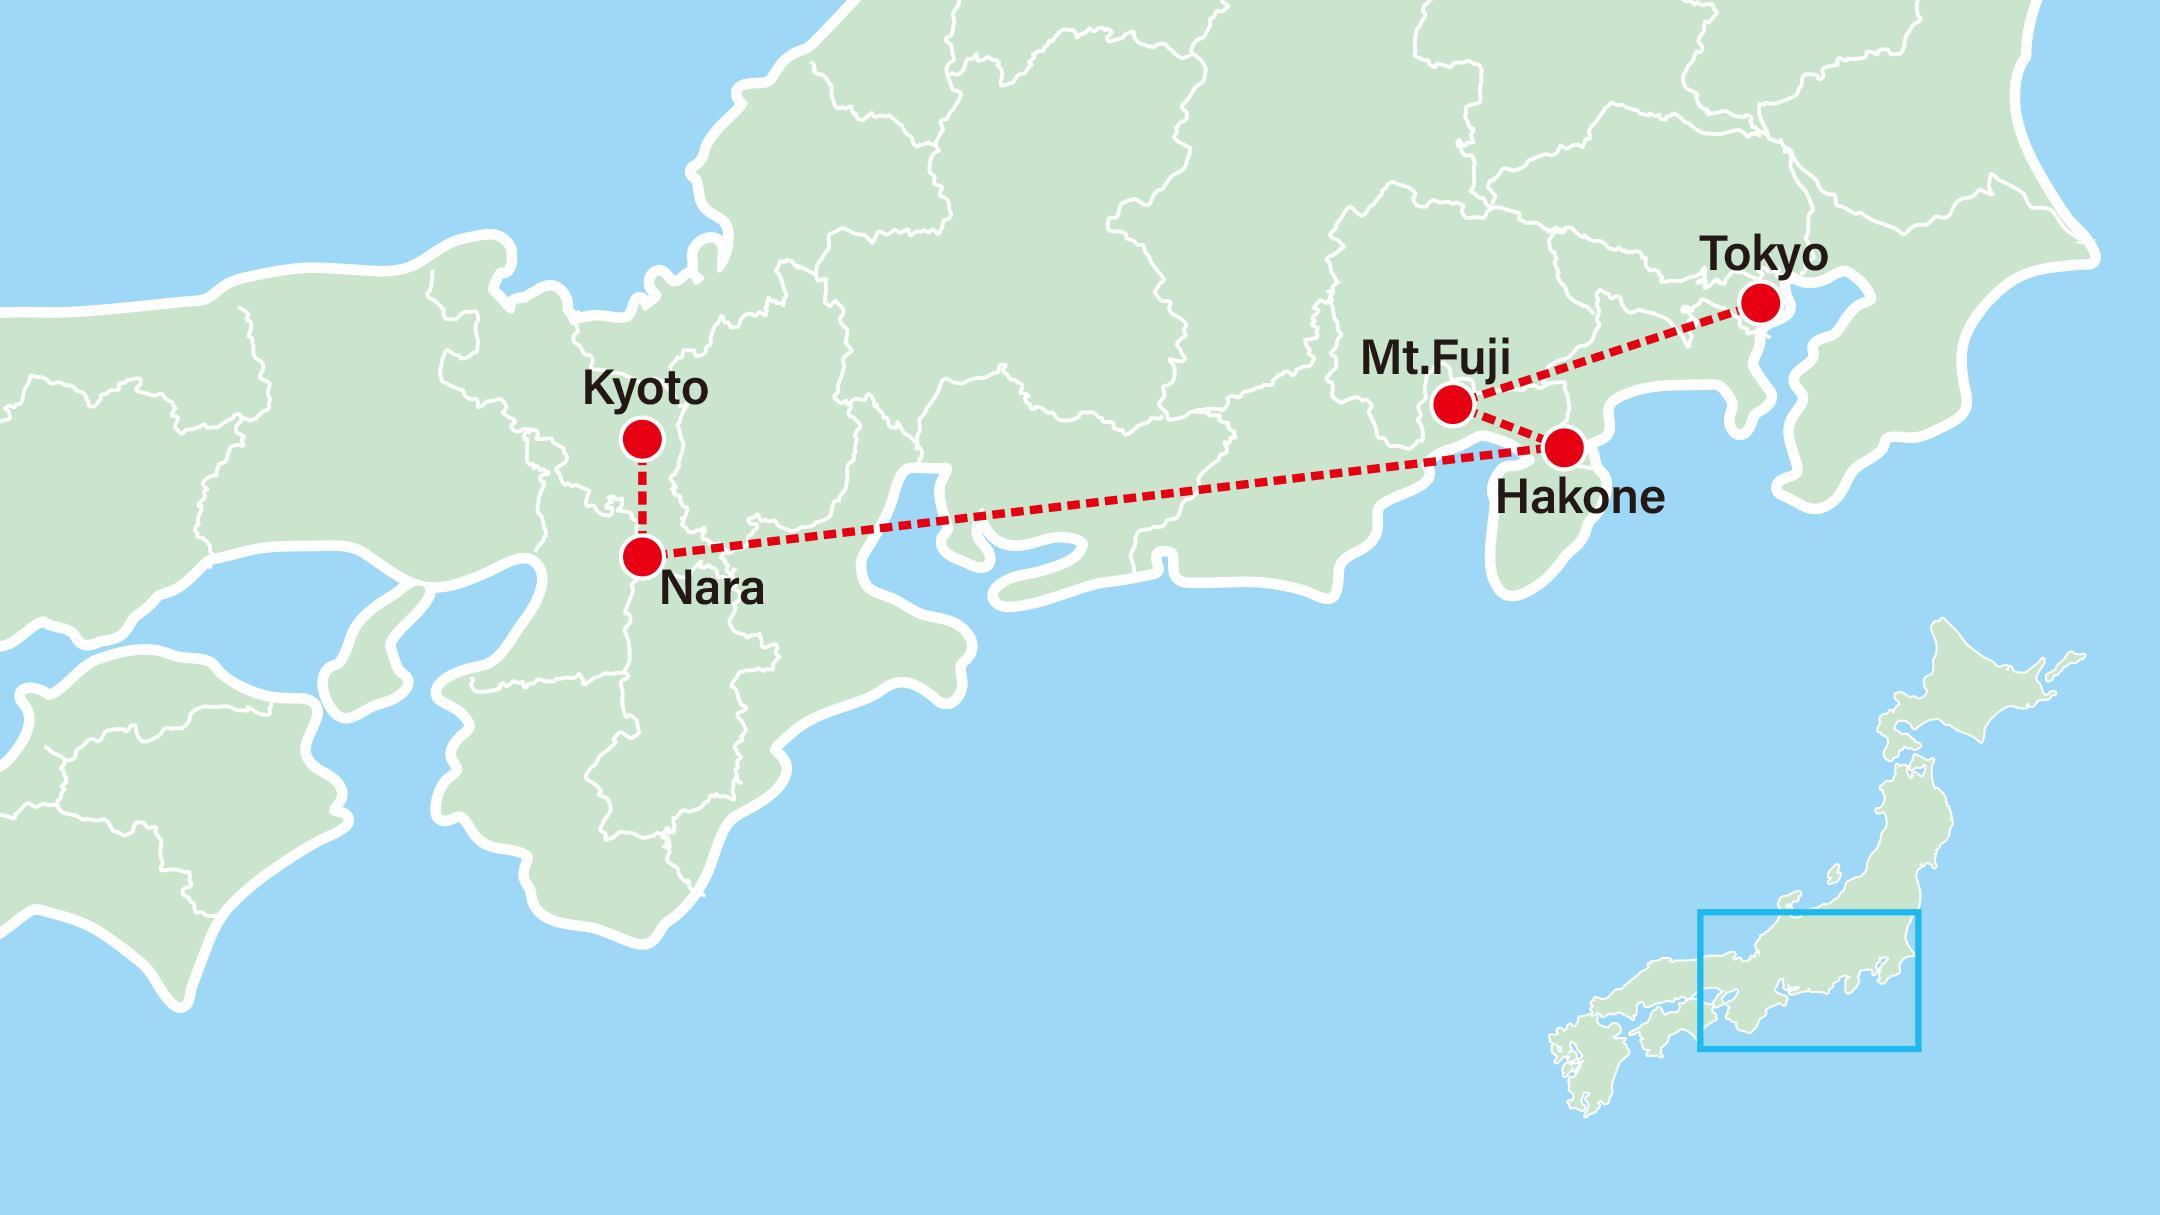 Snow Monkeys & Sakura 8 Day Journey-Tokyo-Nagano-Yokohama-Mt Fuji-Hakone-Nara-Kyoto